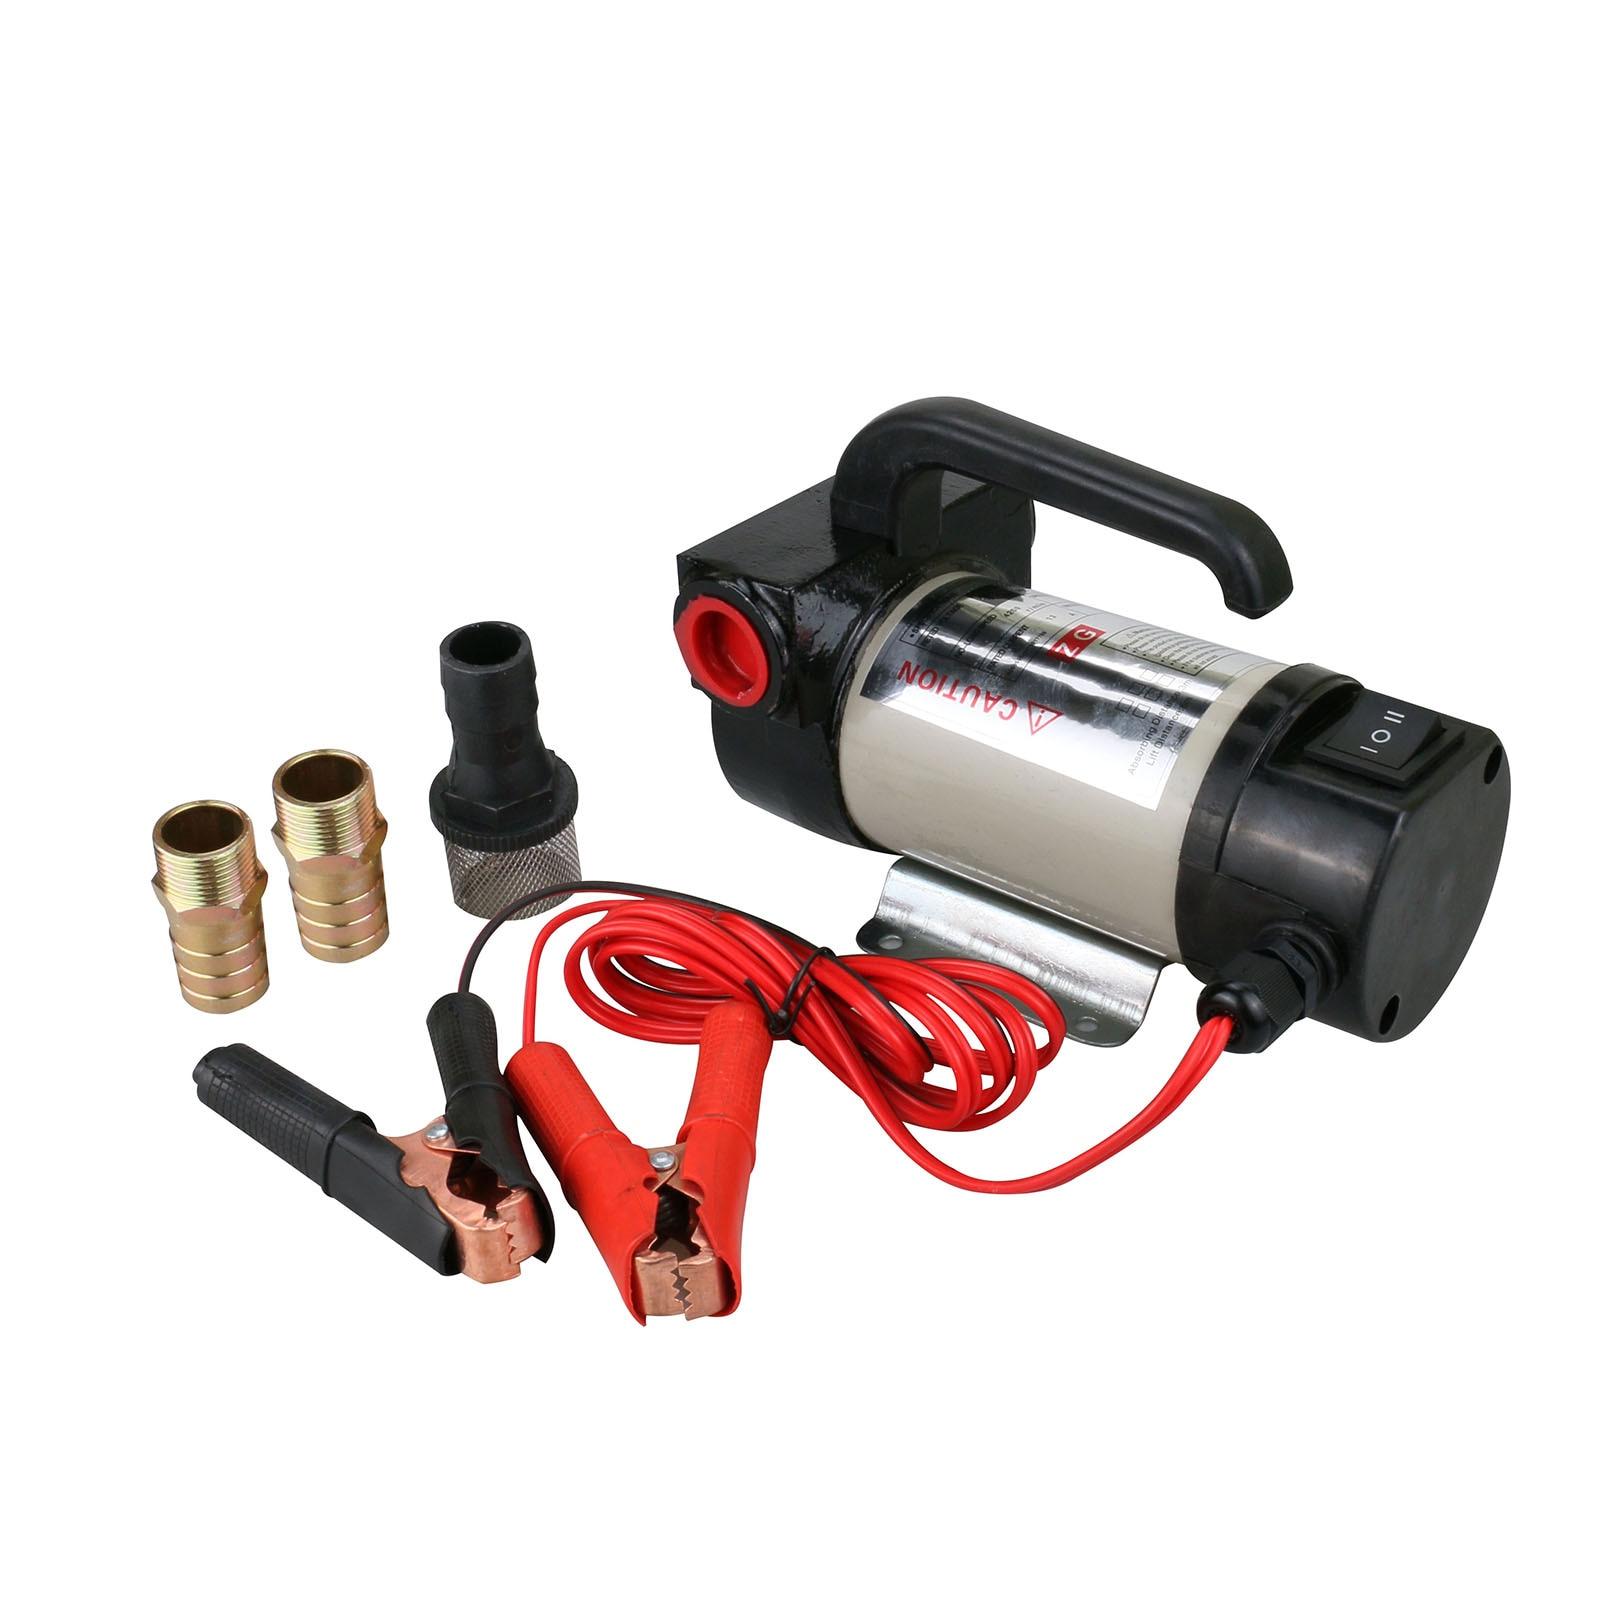 Pompe de transfert de carburant Diesel huile outil électrique Kit de pompe à courant continu pince crocodile 50L/min 24 V DC pour Auto